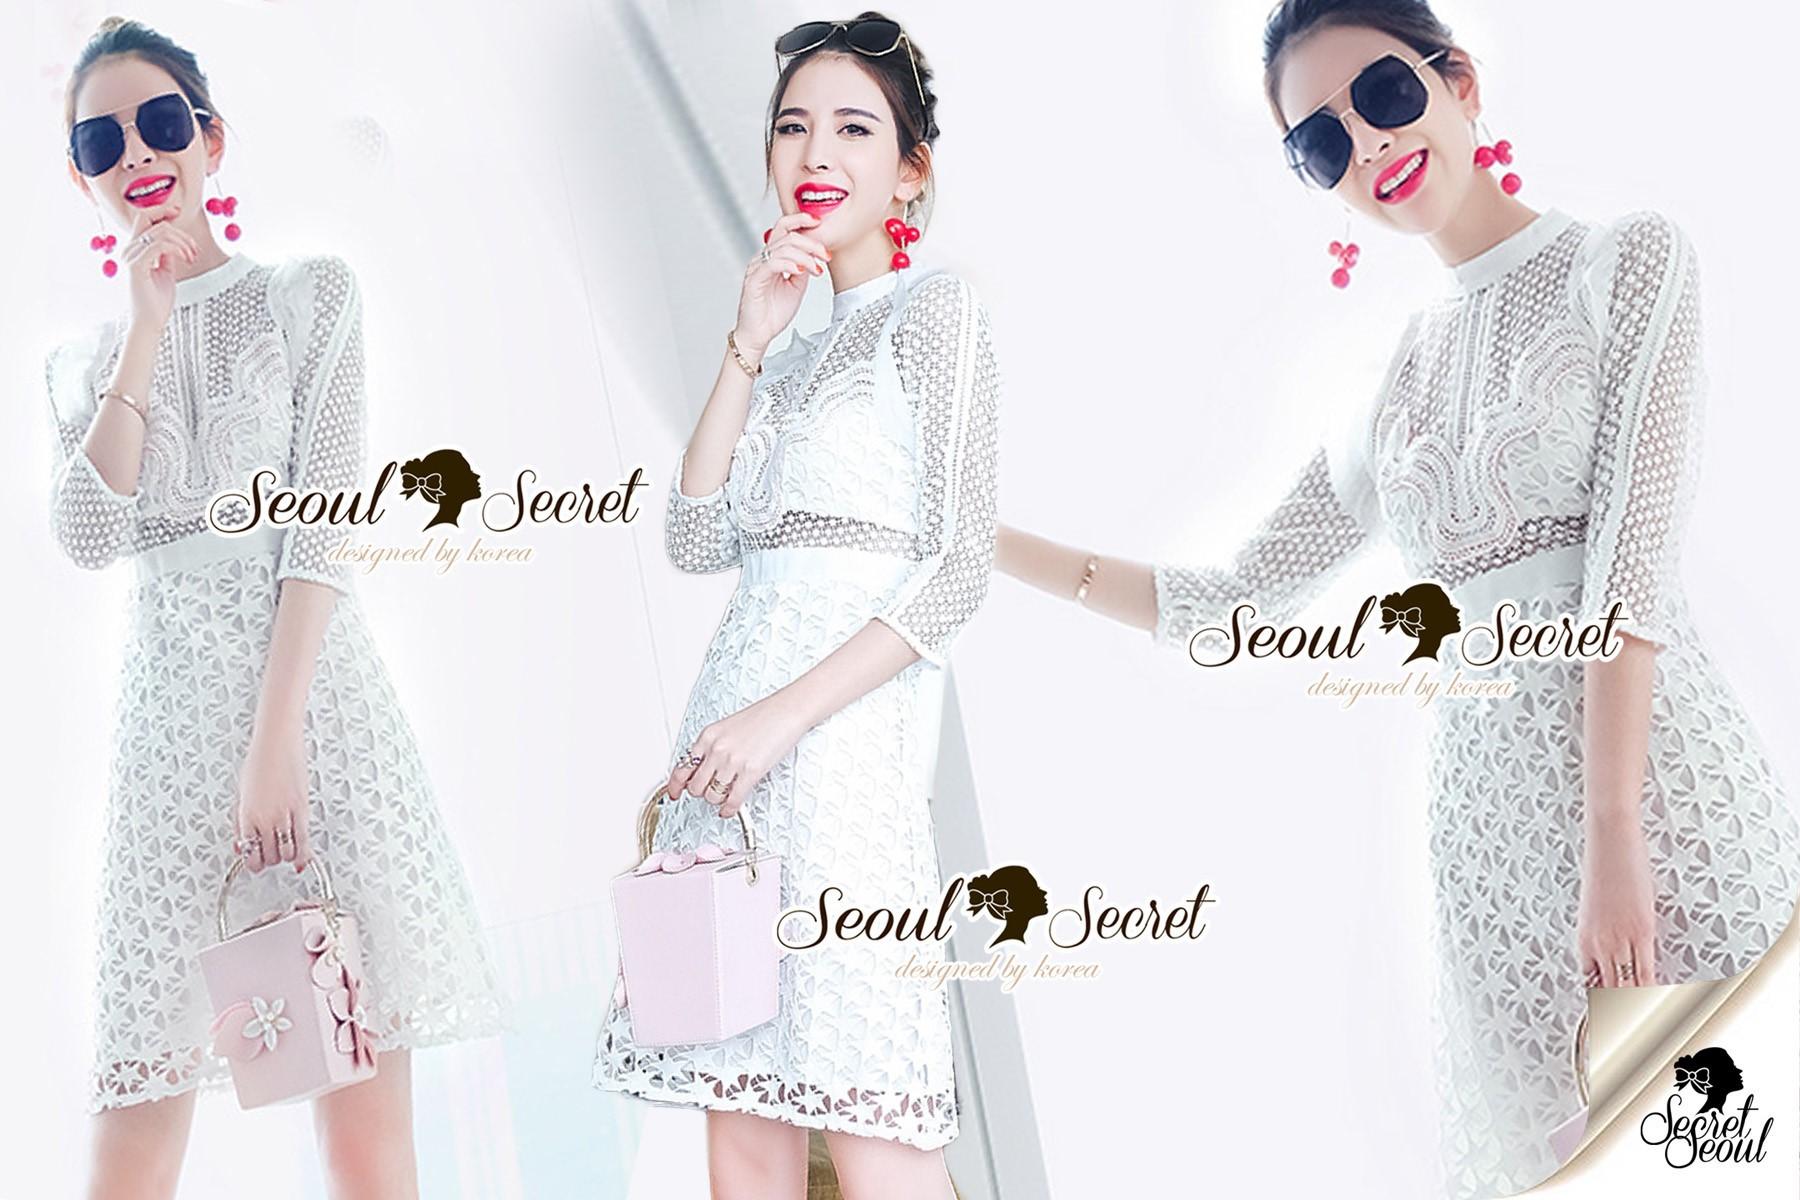 Seoul Secret Say's... Lovely Dotty White Curvy Lace Dress